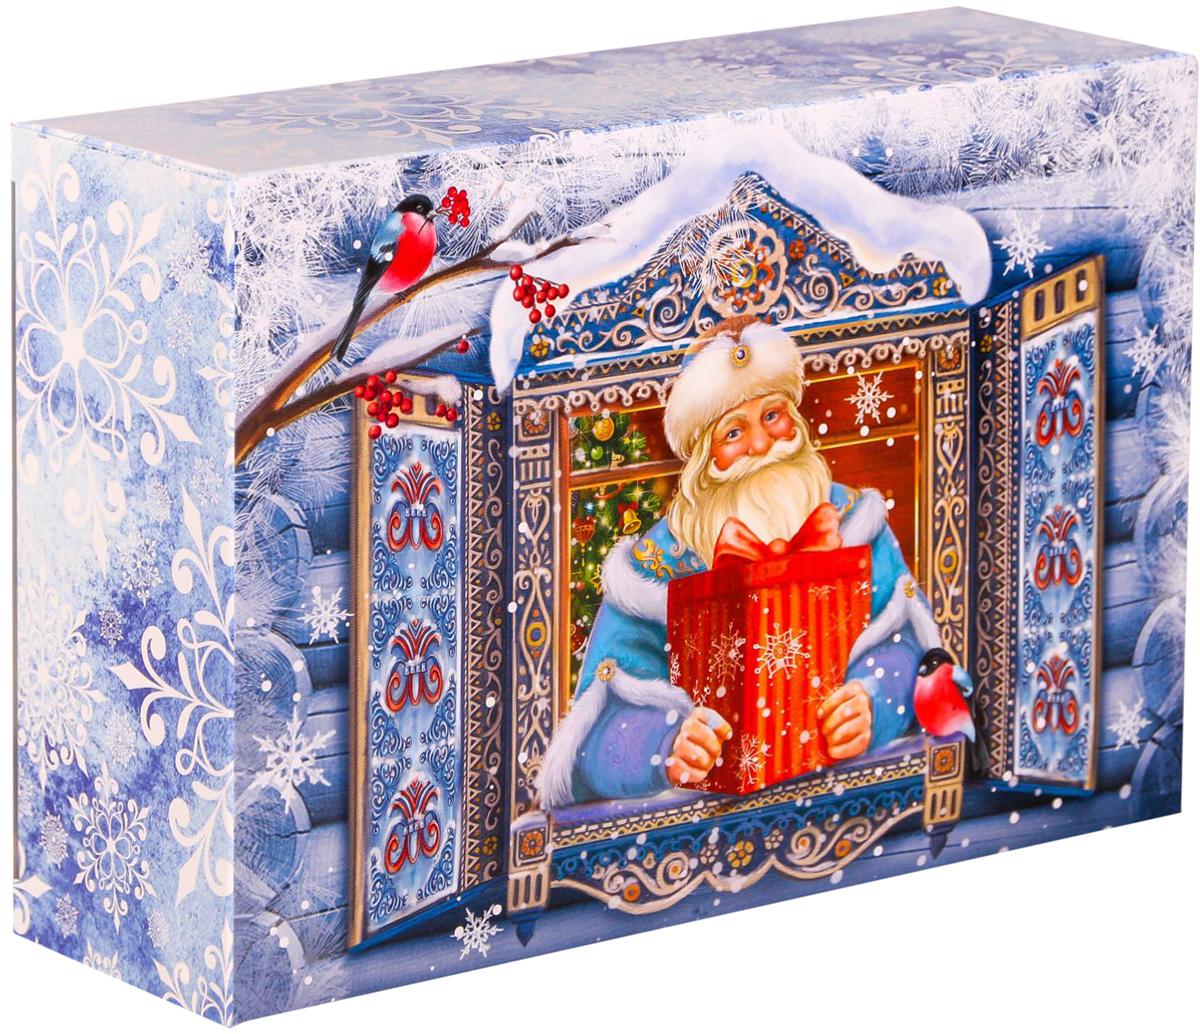 Коробка складная Дарите счастье Окно в сказку, цвет: голубой, белый, 16 х 23 х 7,5 см2149171Любой подарок начинается с упаковки. Что может быть трогательнее и волшебнее, чем ритуал разворачивания полученного презента. И именно оригинальная, со вкусом выбранная упаковка выделит ваш подарок из массы других. Складная коробка Дарите счастье Окно в сказку продемонстрирует самые теплые чувства к виновнику торжества и создаст сказочную атмосферу праздника. Размер: 16 х 23 х 7,5 см.